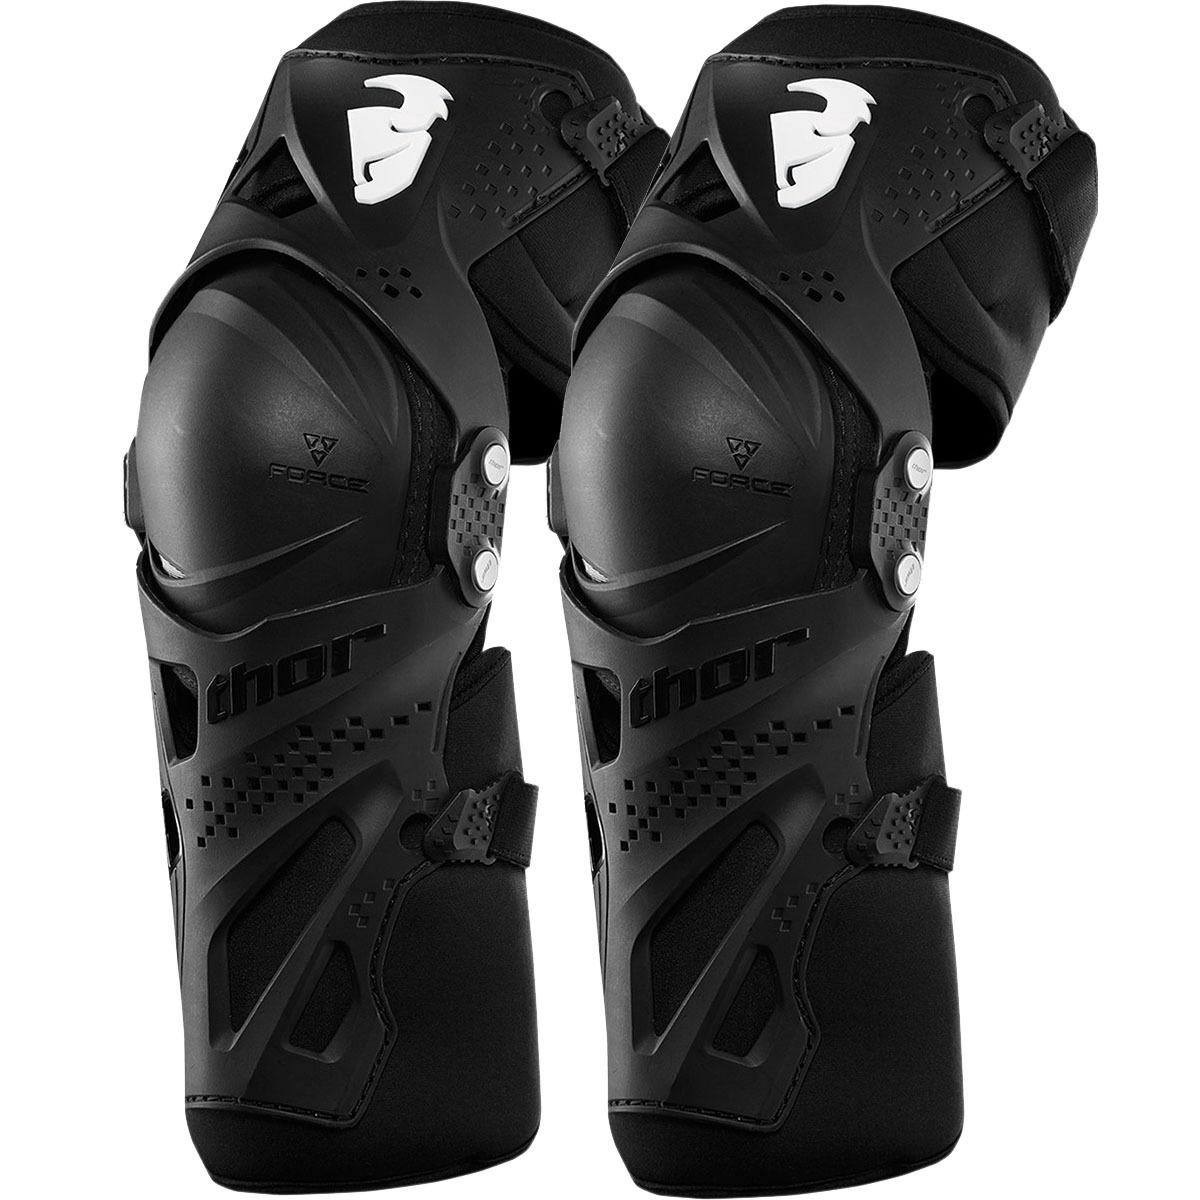 Thor - Force XP Black защита колена, черная